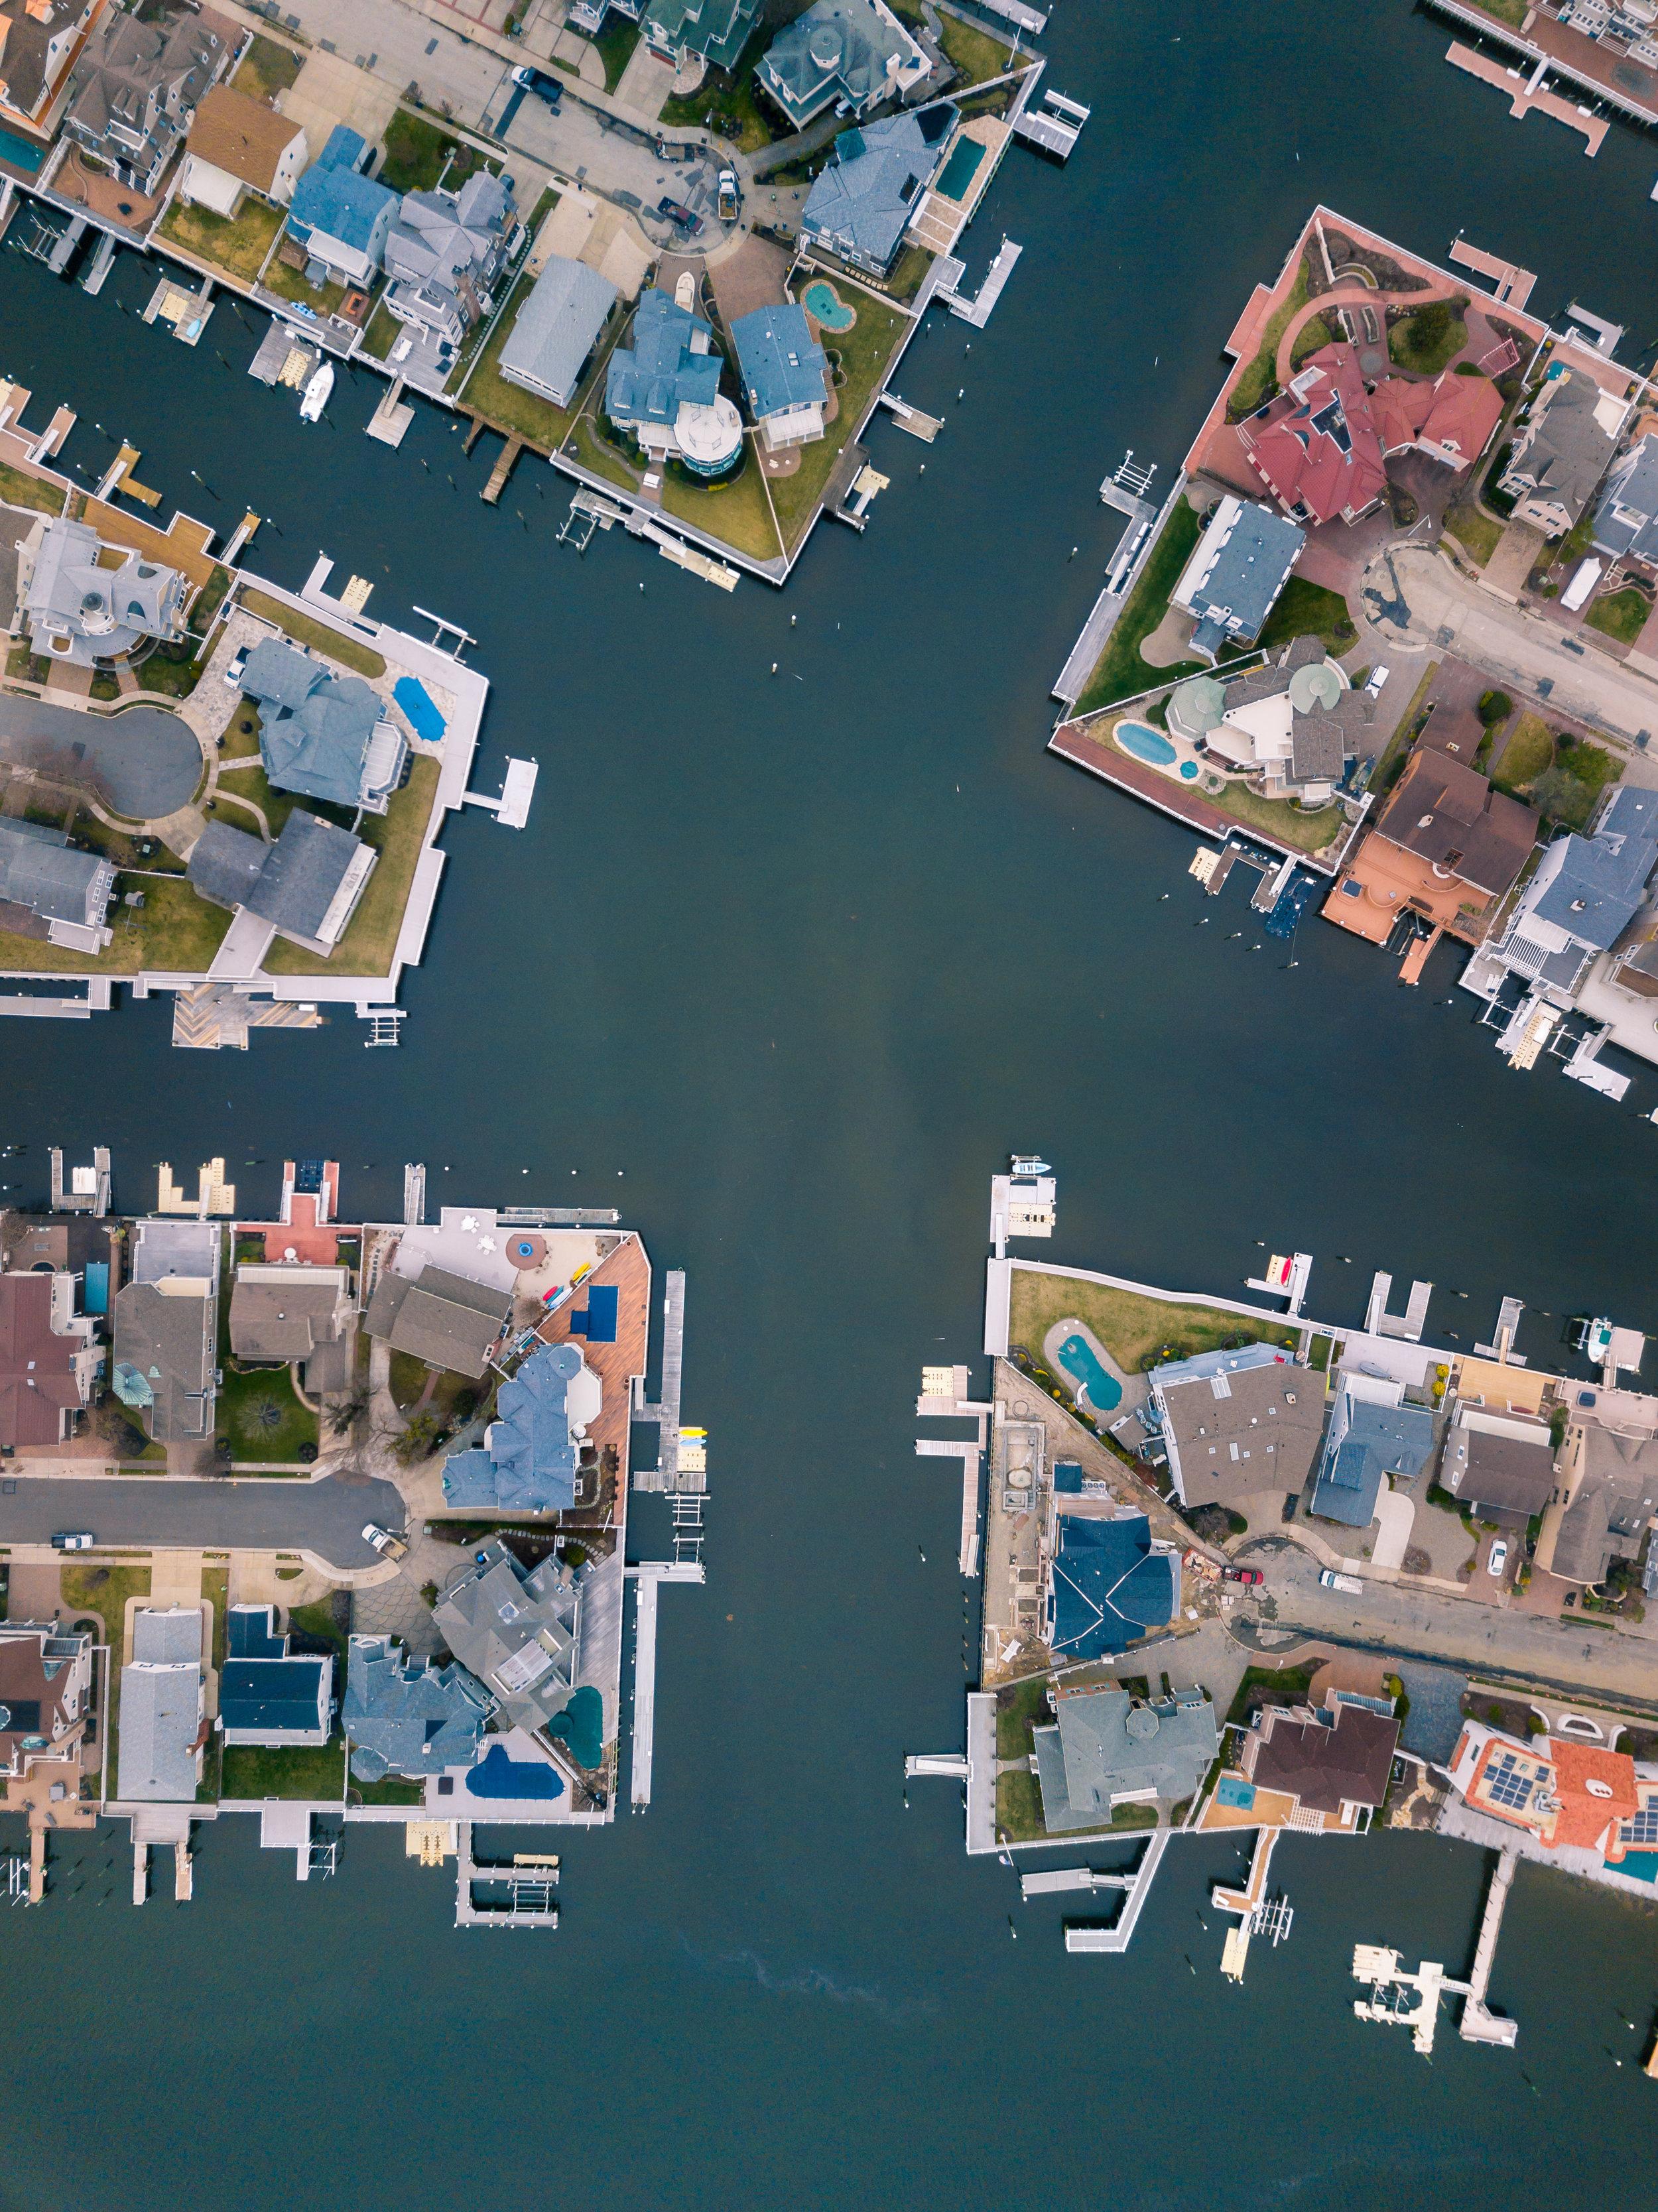 summerhomemaze_typoland_aerial.jpg